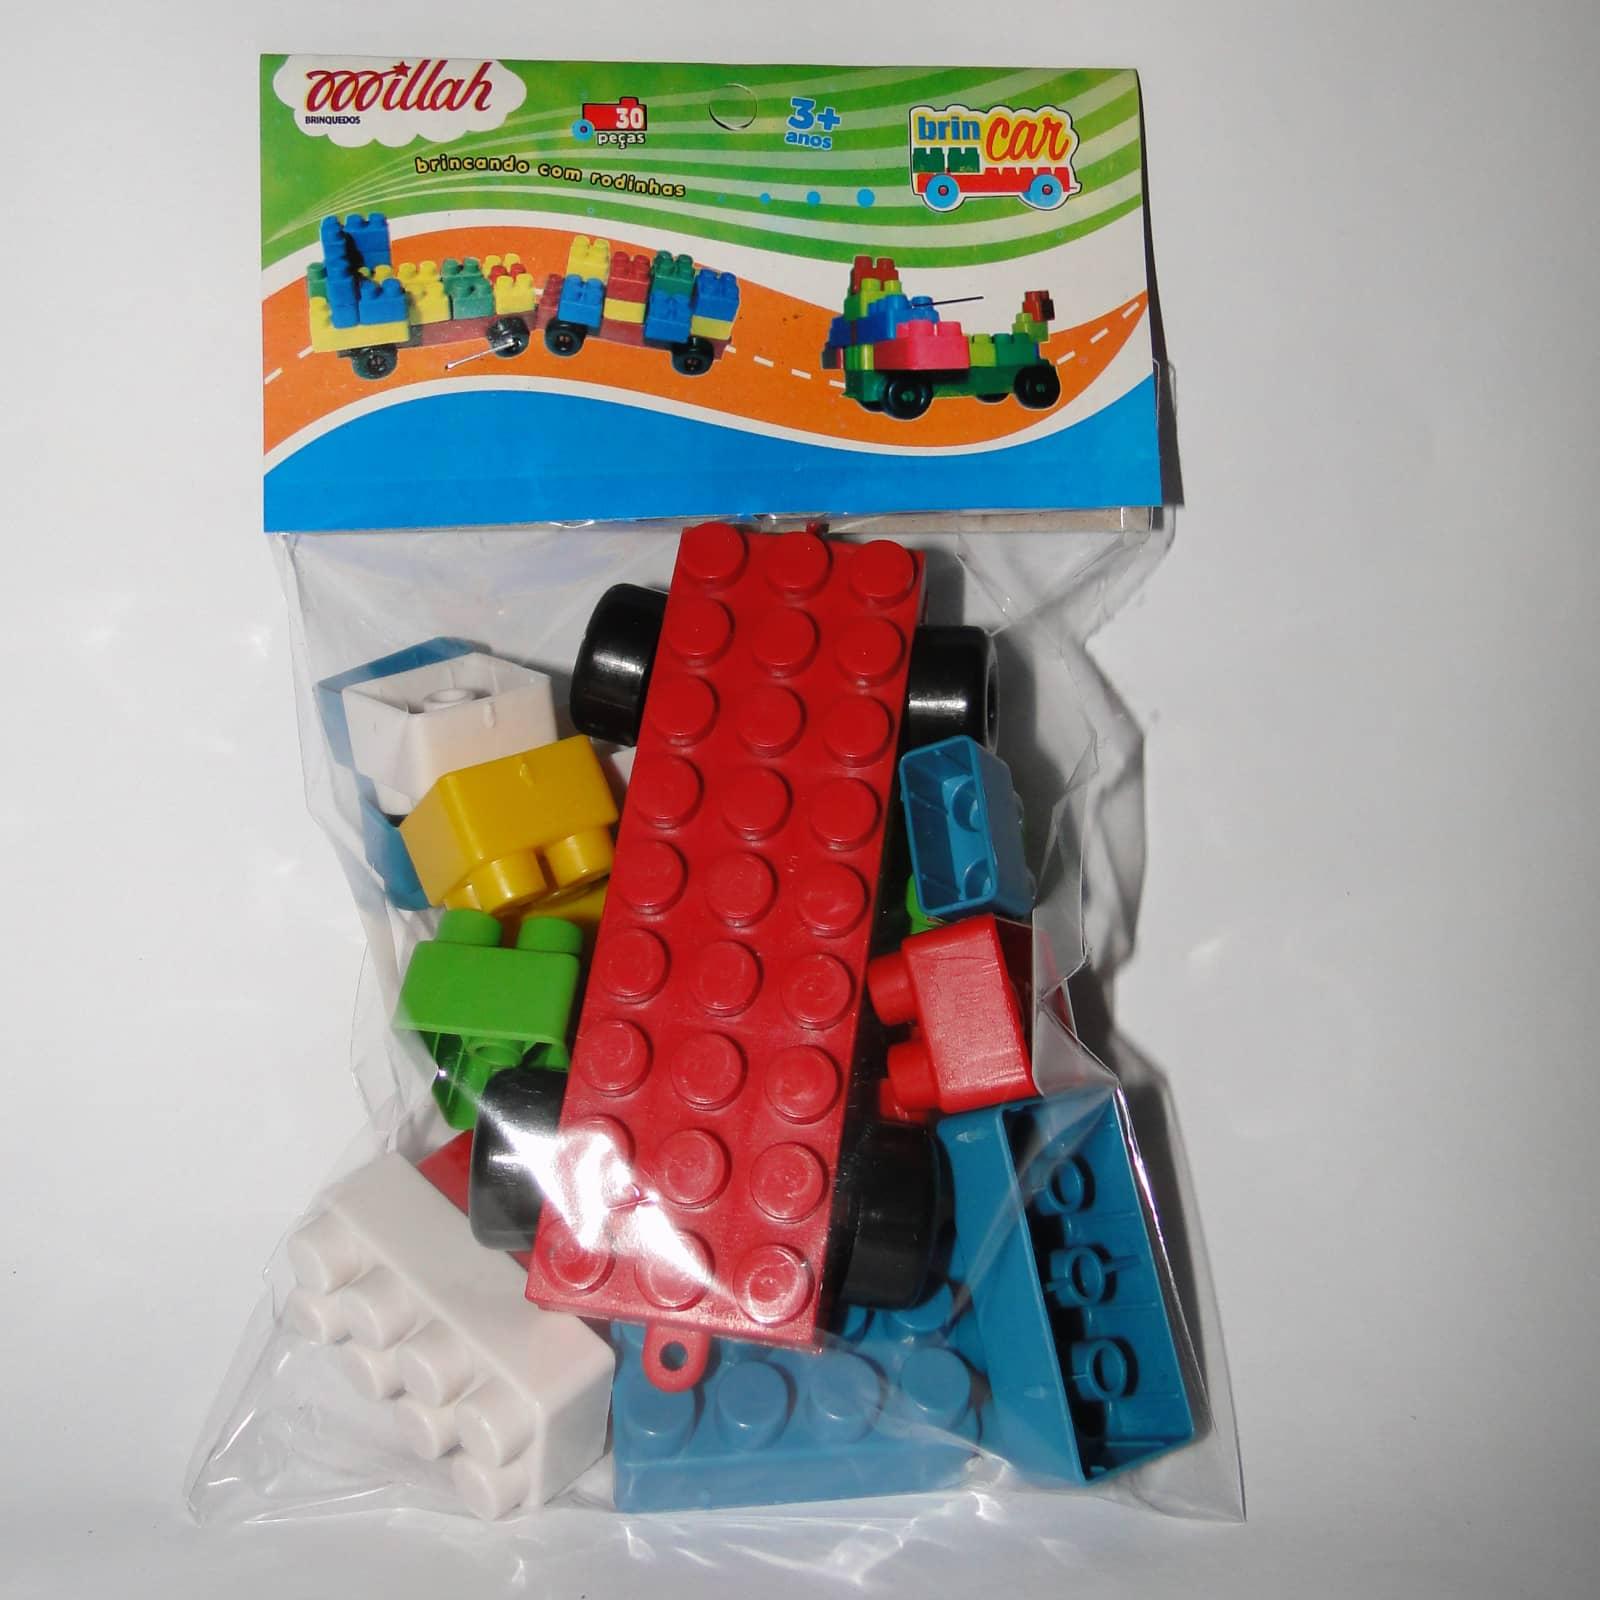 Brincar 30 peças - Ref 035